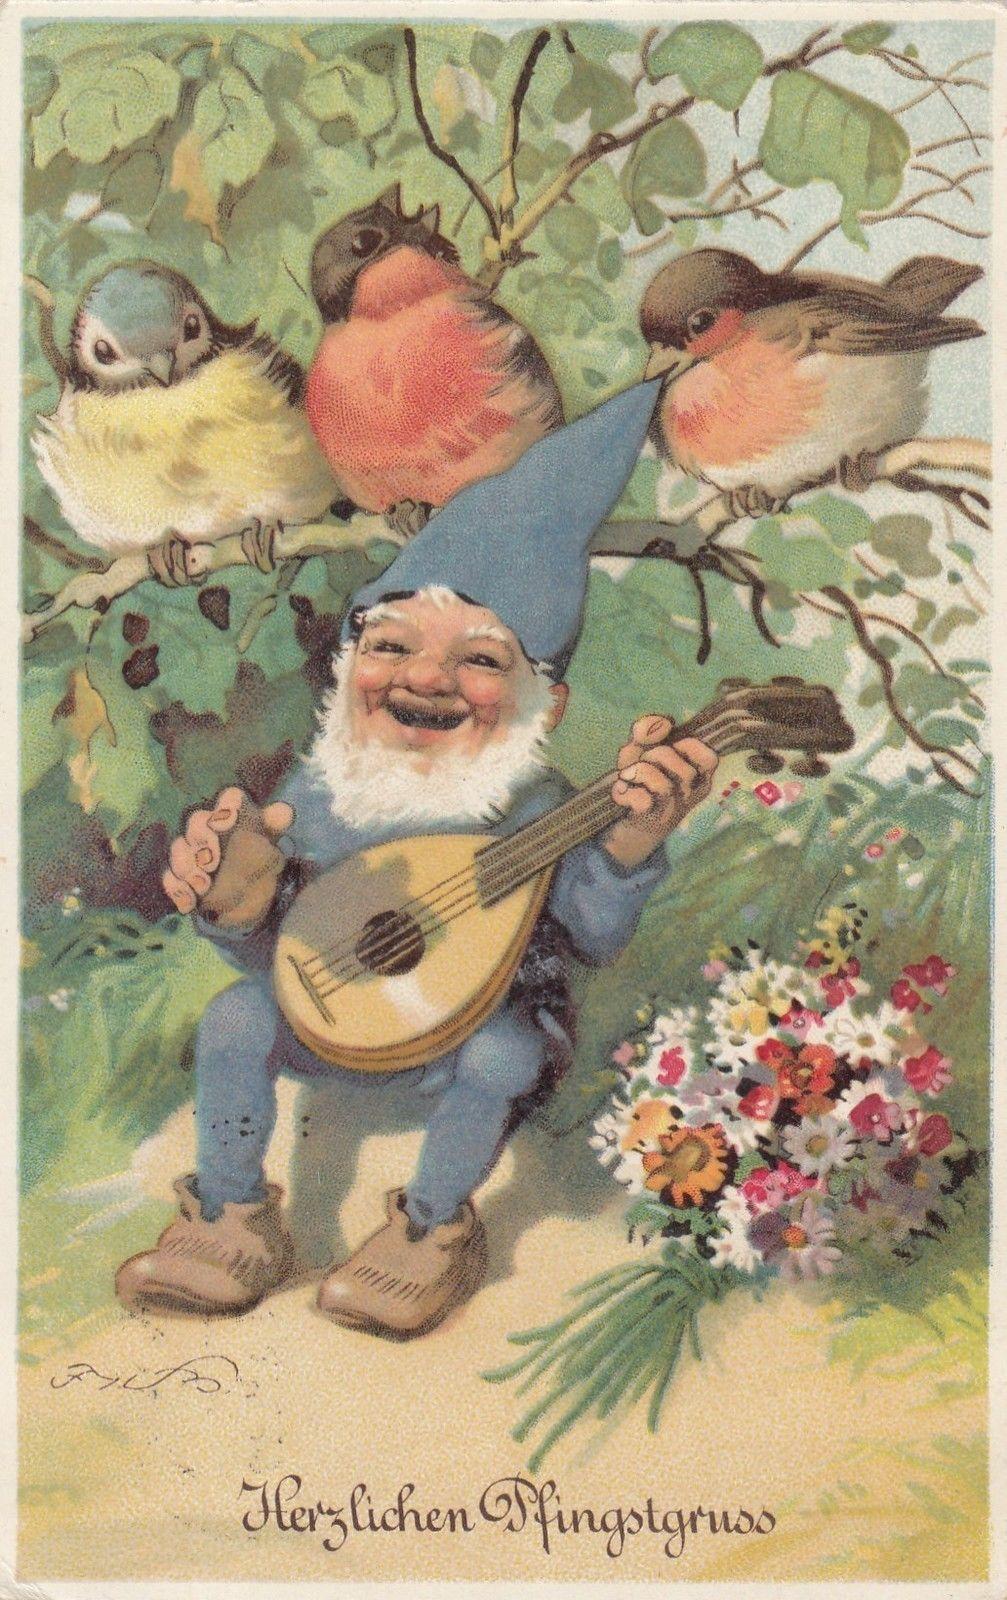 Pfingsten, Zwerg mit Mandoline, Vögel, sign. Fritz Baumgarten in Sammeln & Seltenes, Ansichtskarten, Motive   eBay